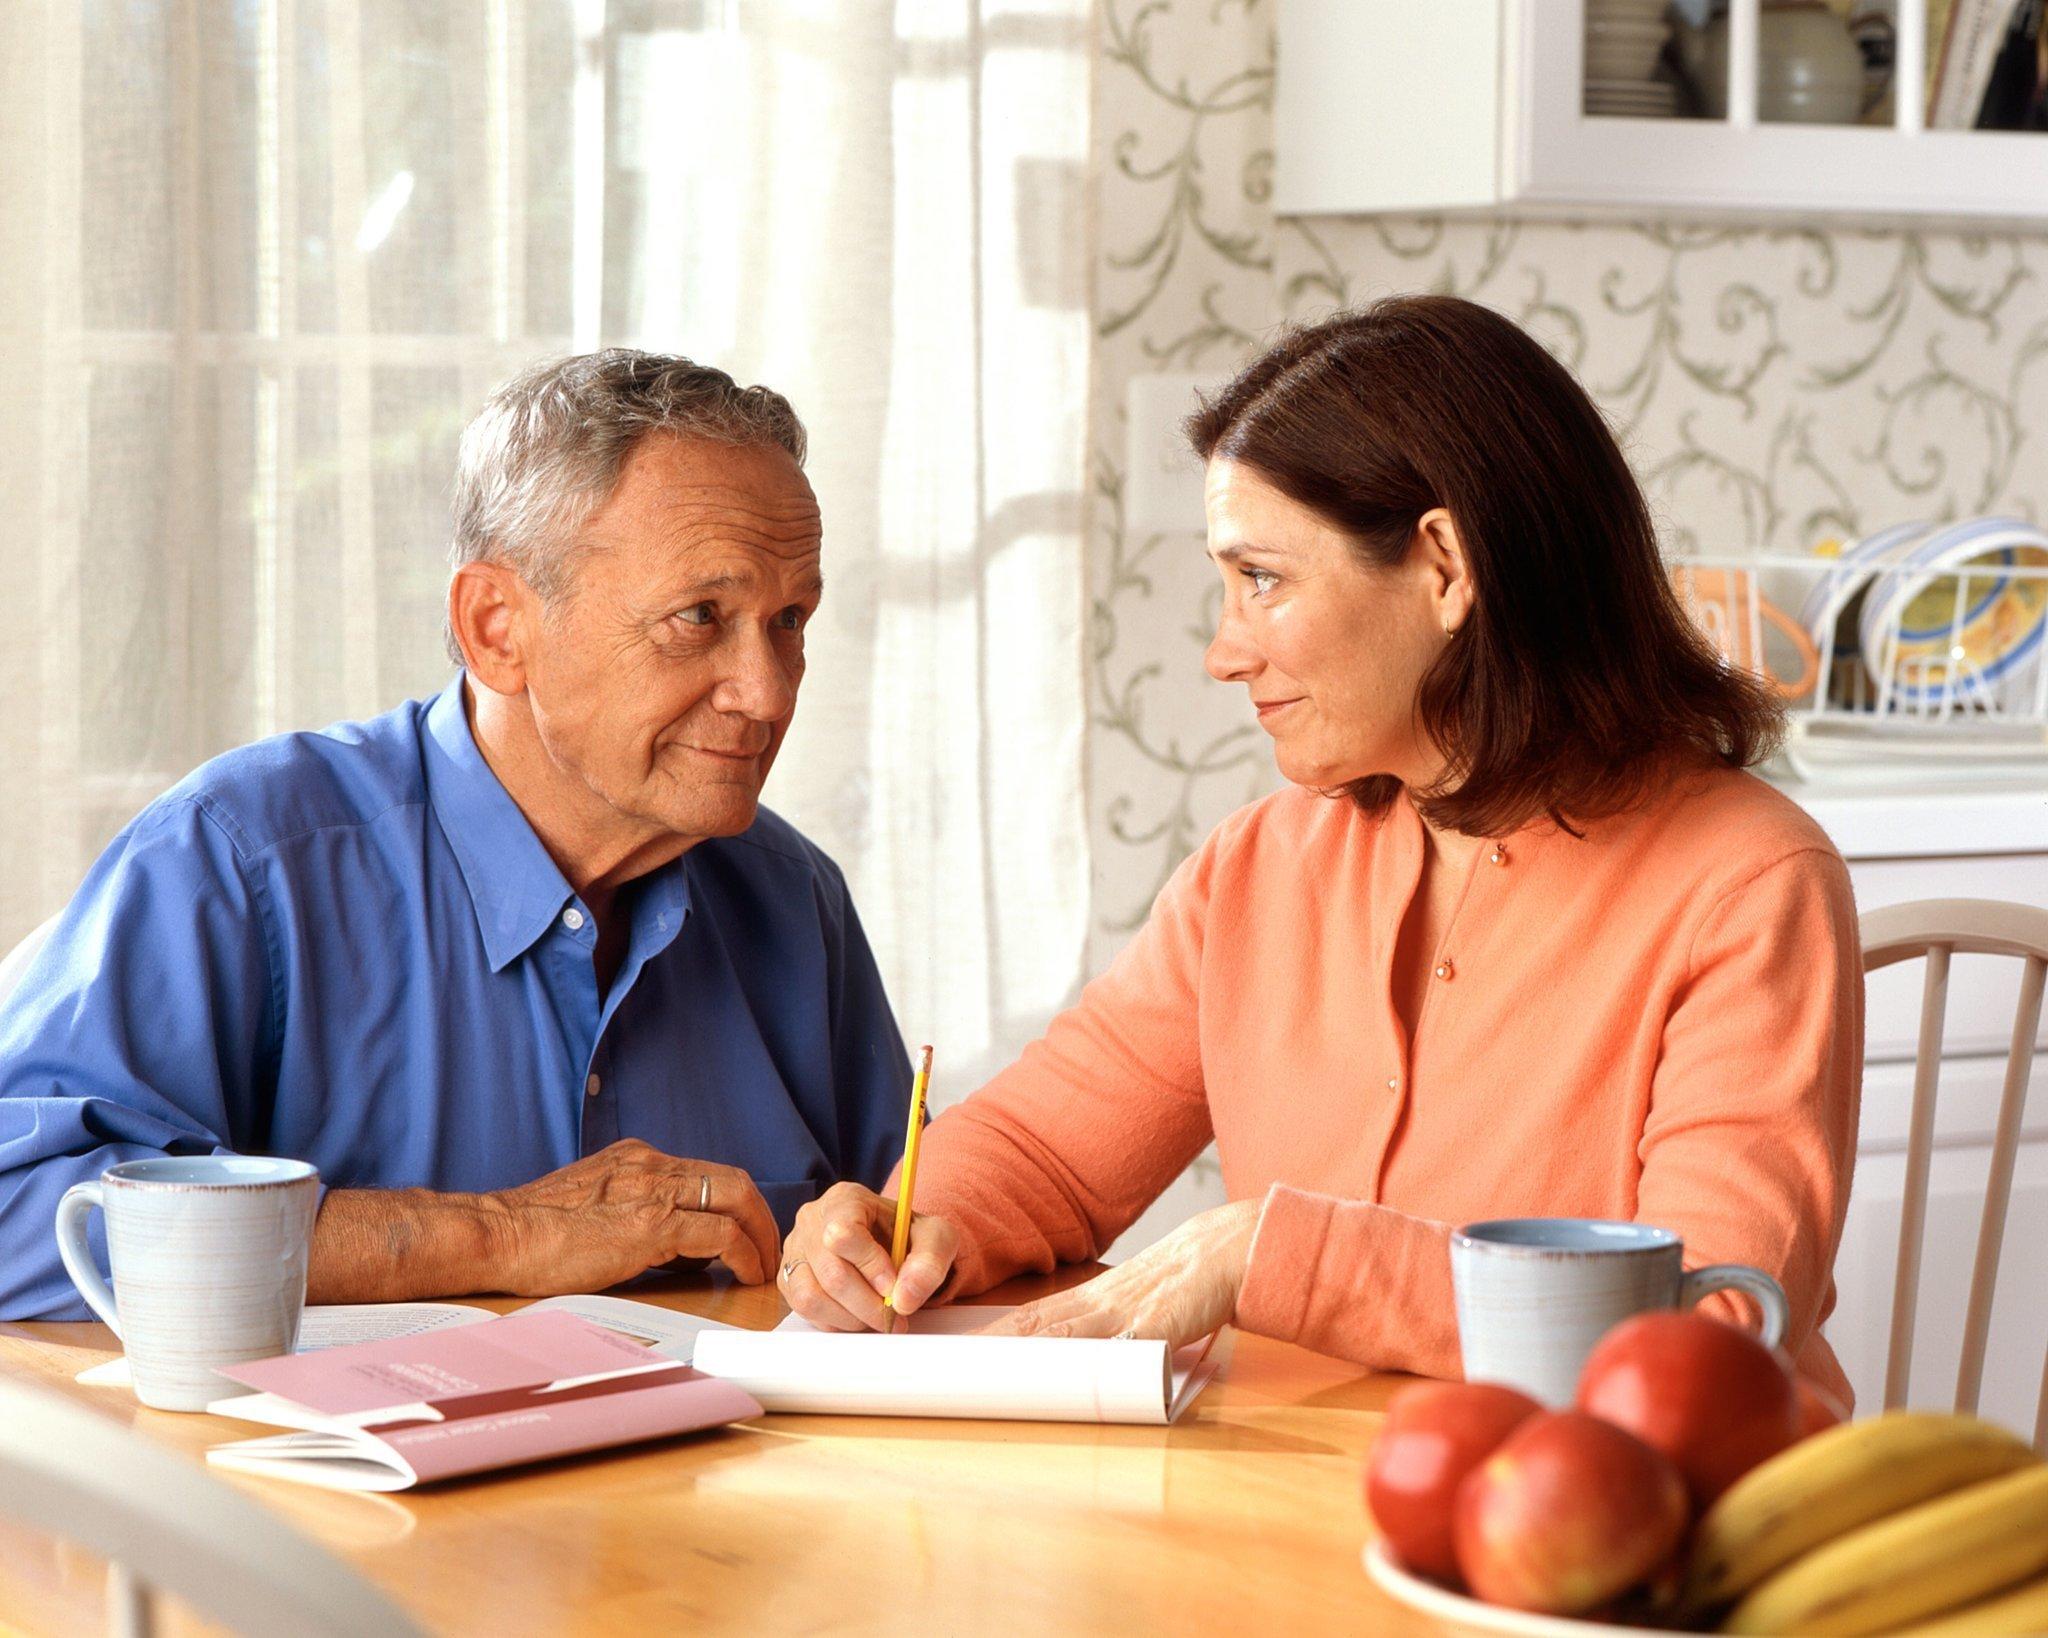 Что лучше дарственная или договор купли-продажи между родственниками?